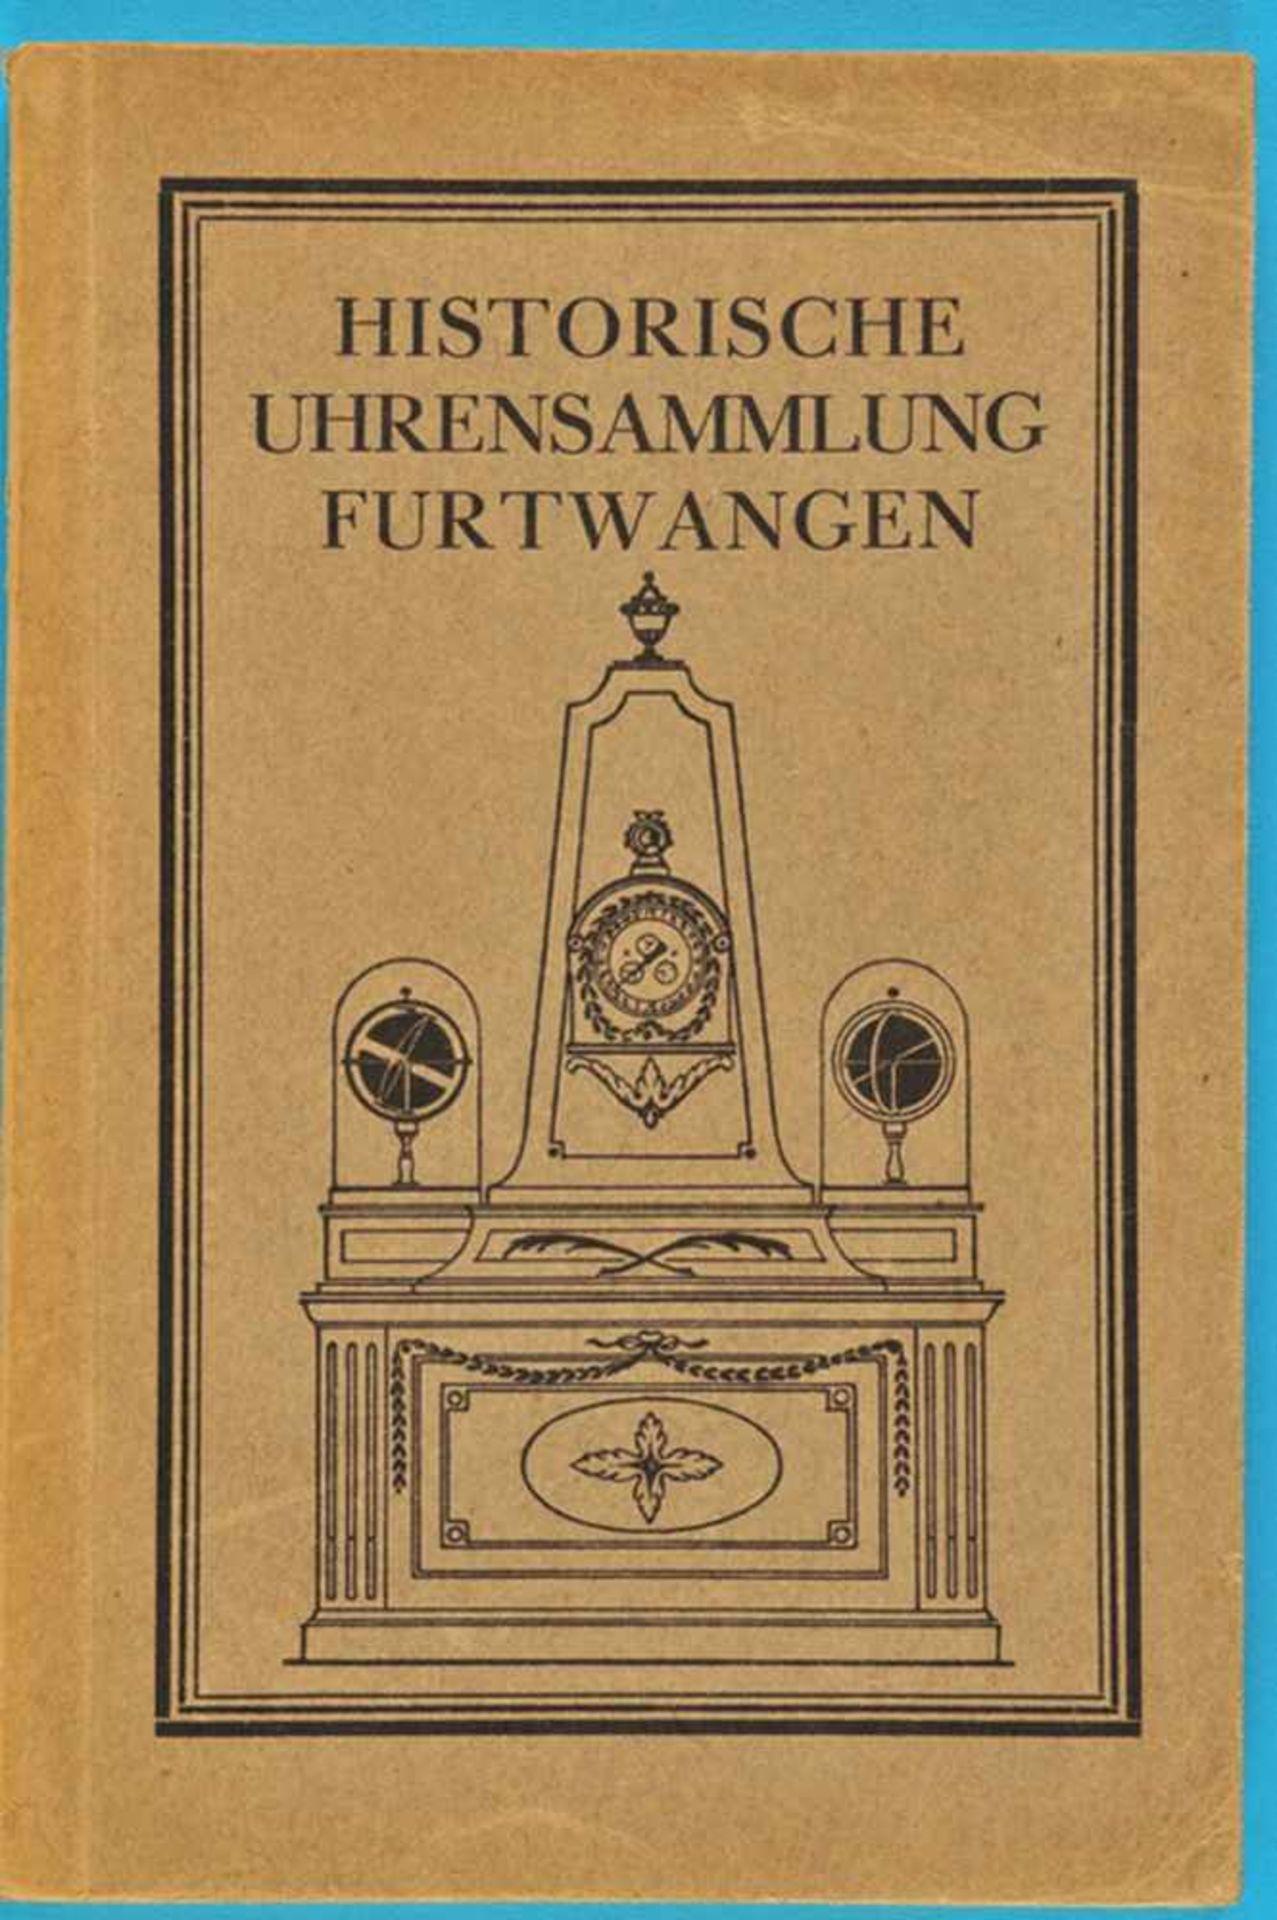 Los 42 - Adolf Kistner, Die historische Uhrensammlung Furtwangen, 1925Adolf Kistner, Die historische